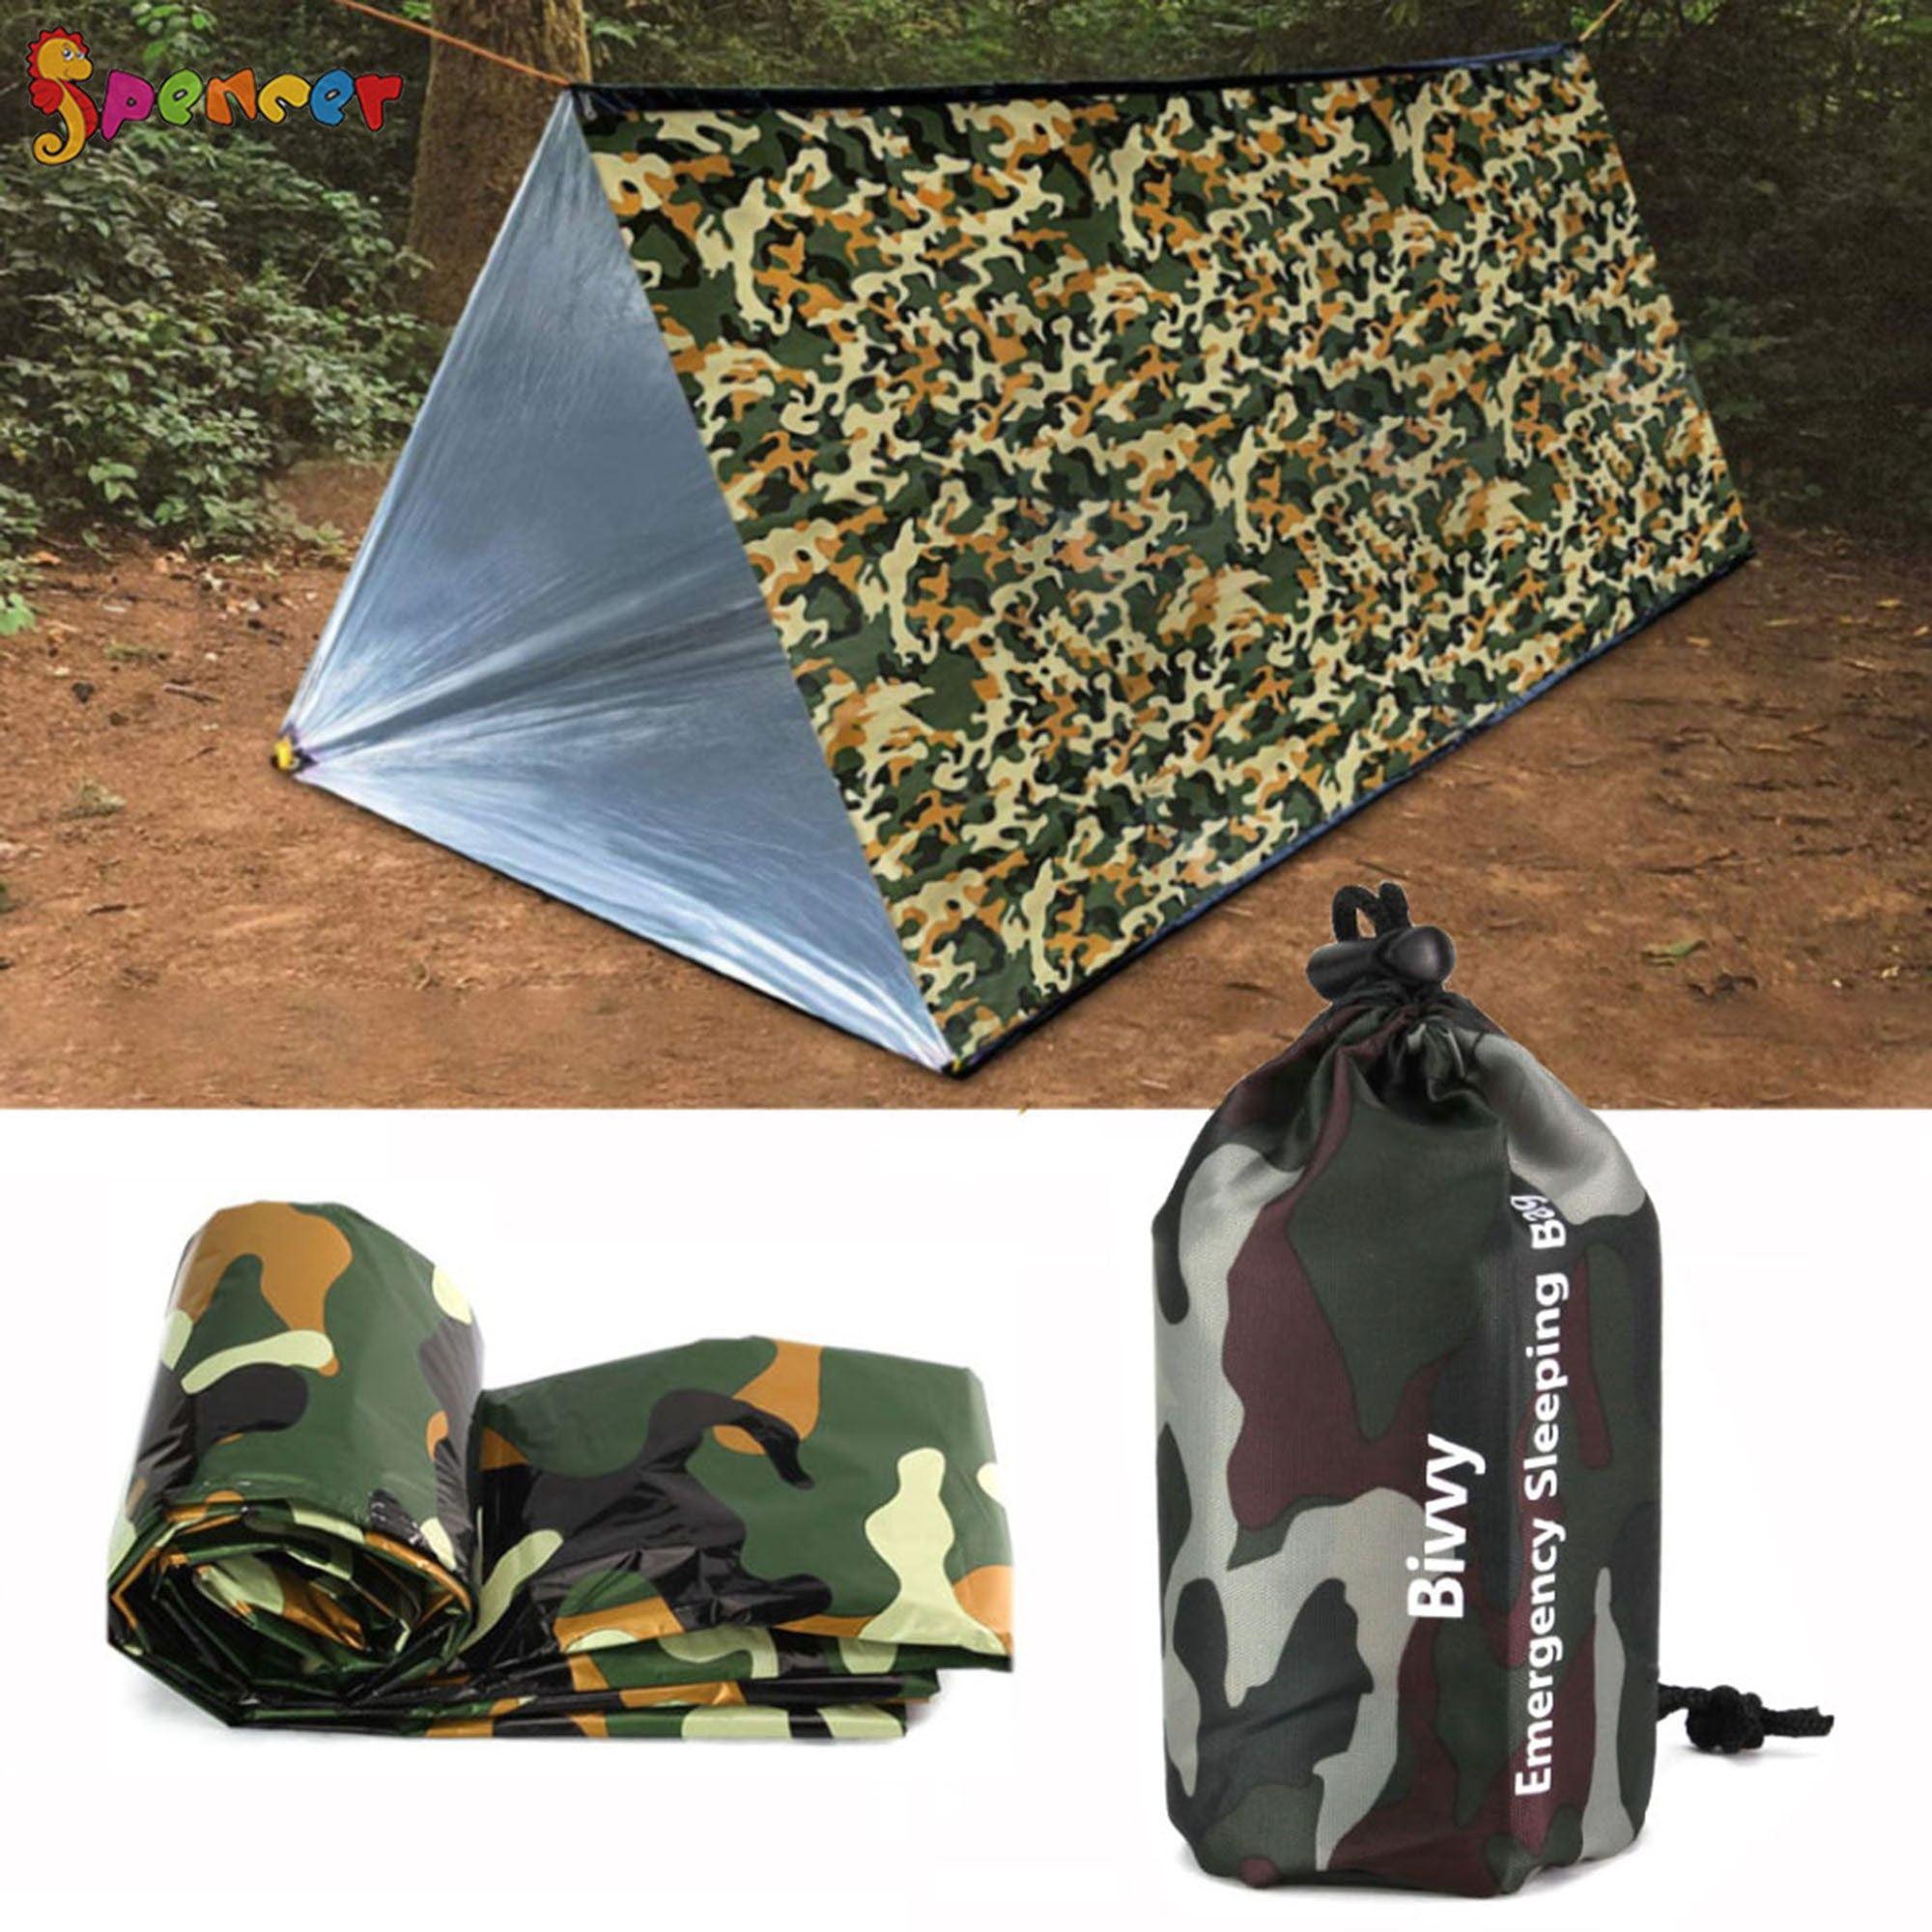 PE Emergency Sleeping Bag Warm Waterproof Survival Camping Travel Bag Durable